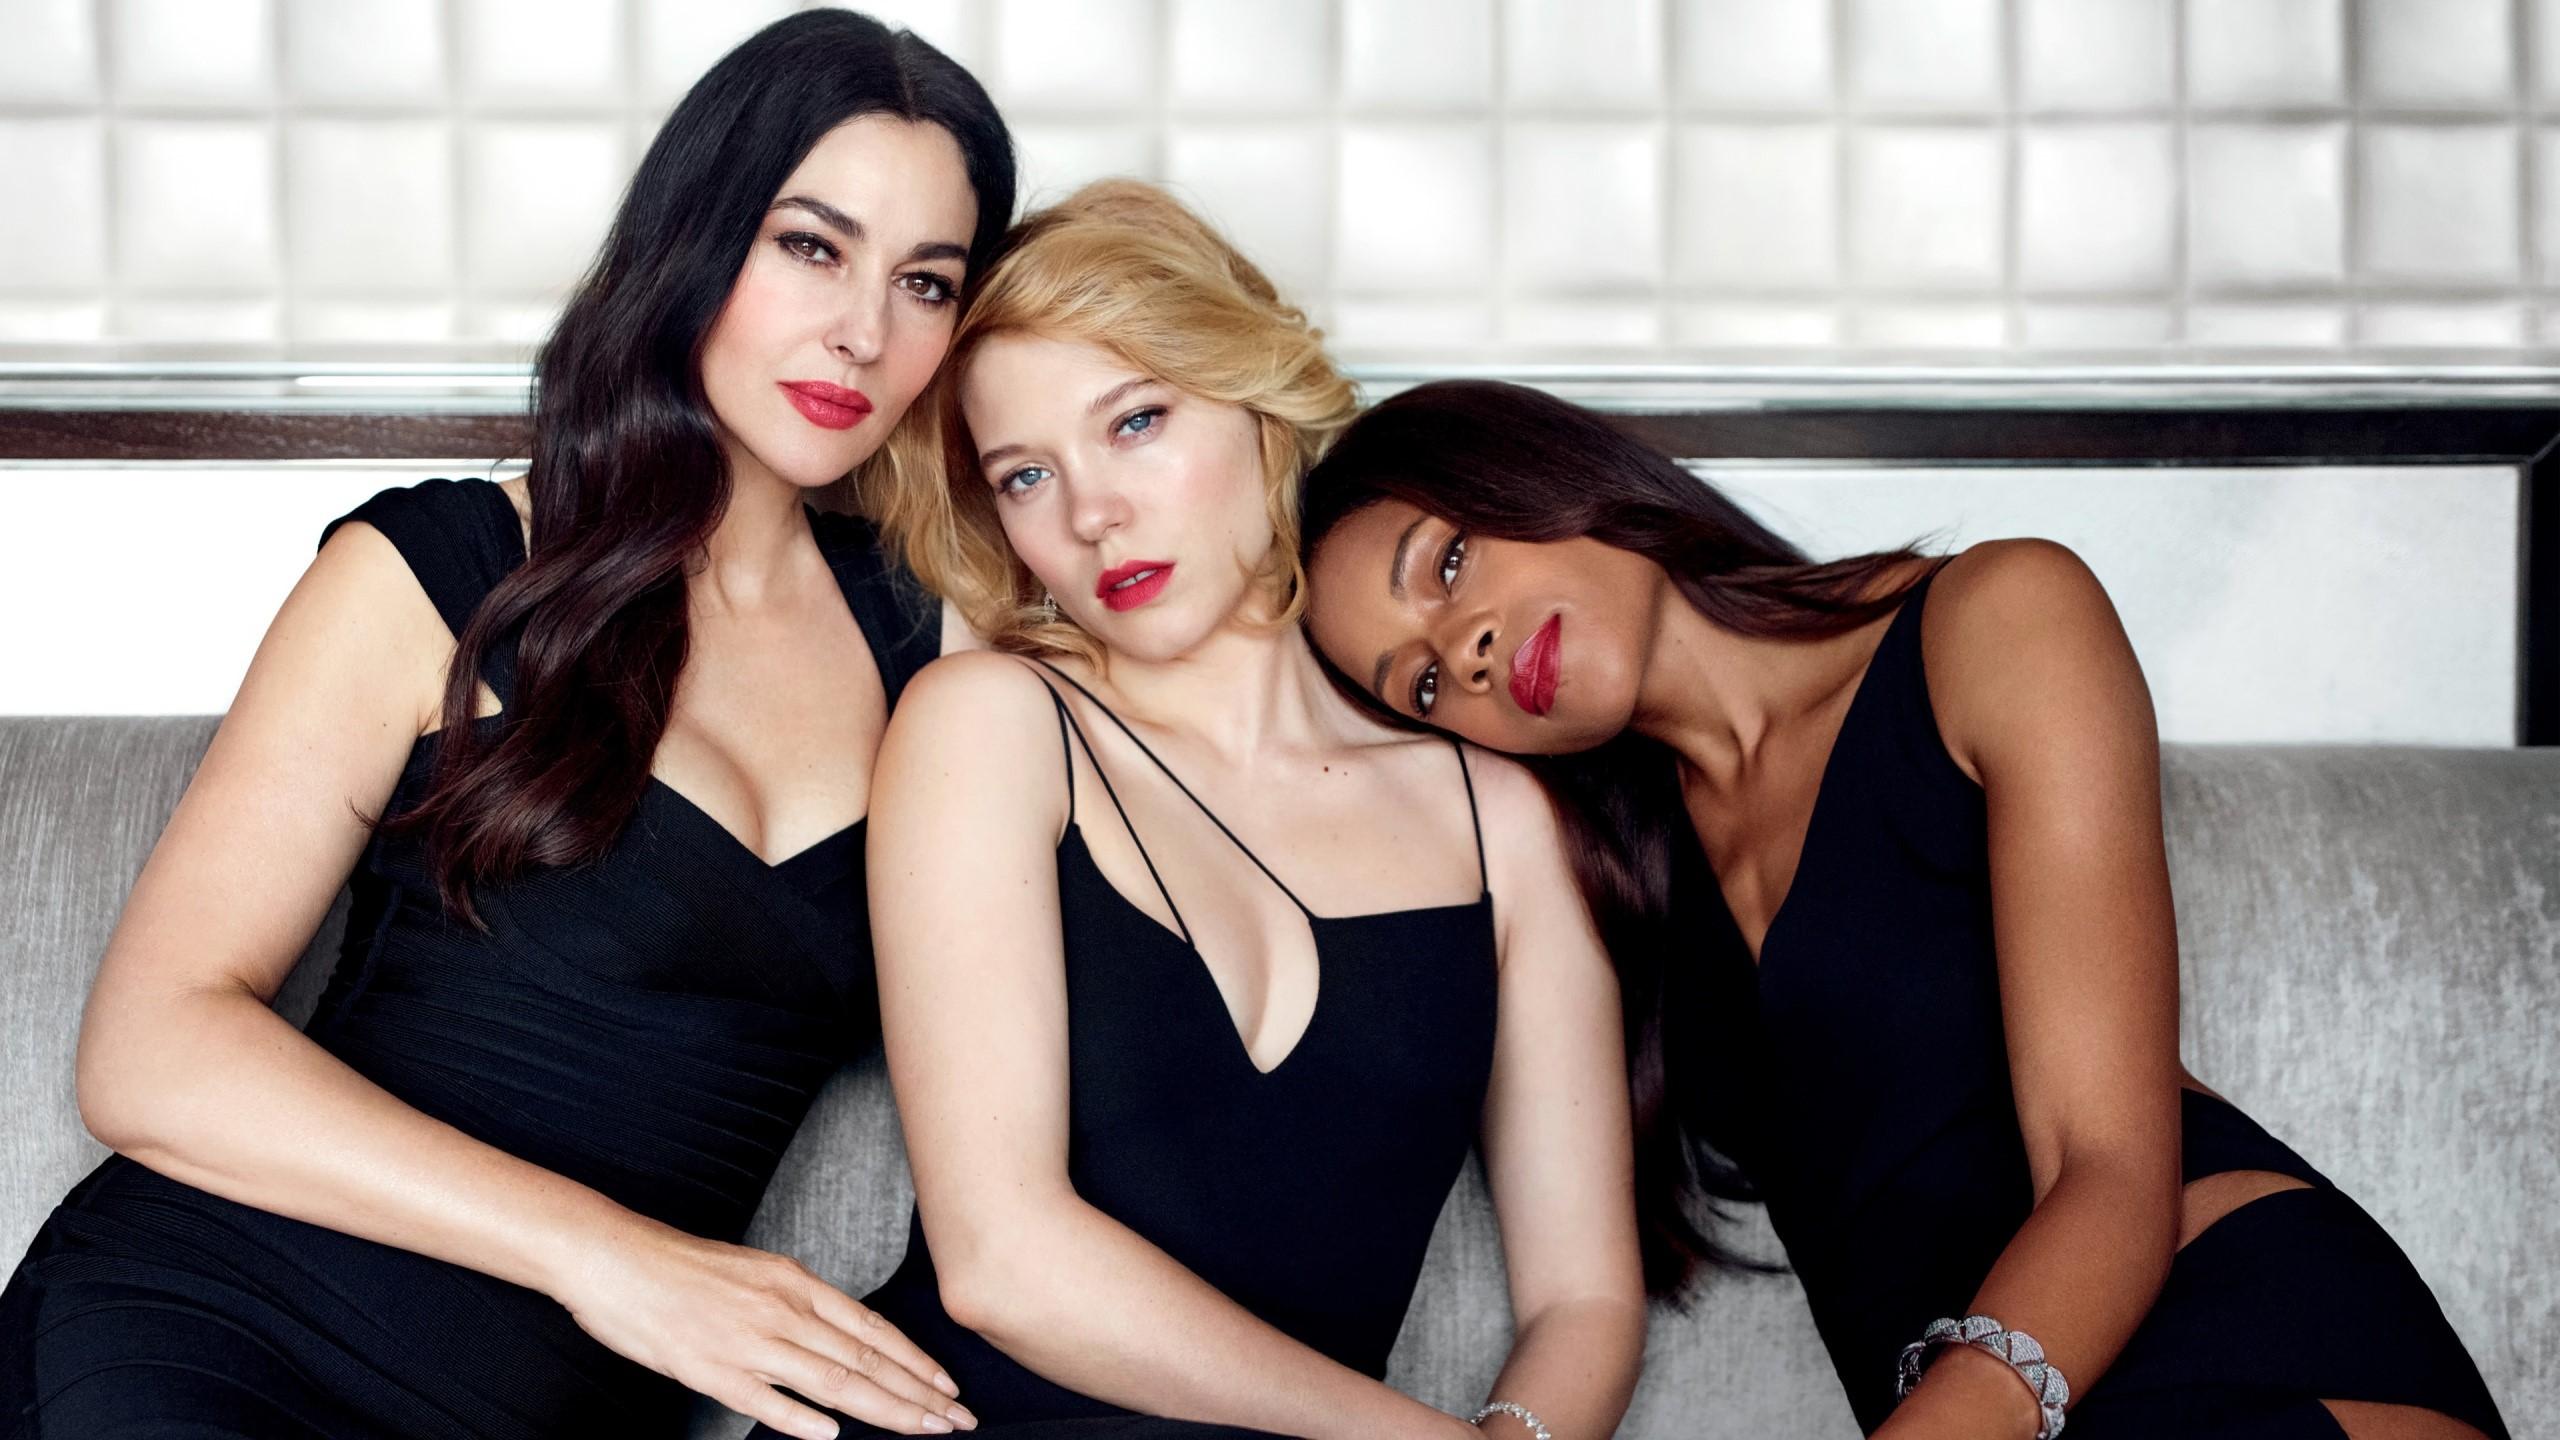 Fondo de pantalla de Monica Bellucci, Lea Seydoux y Naomie Harries Imágenes